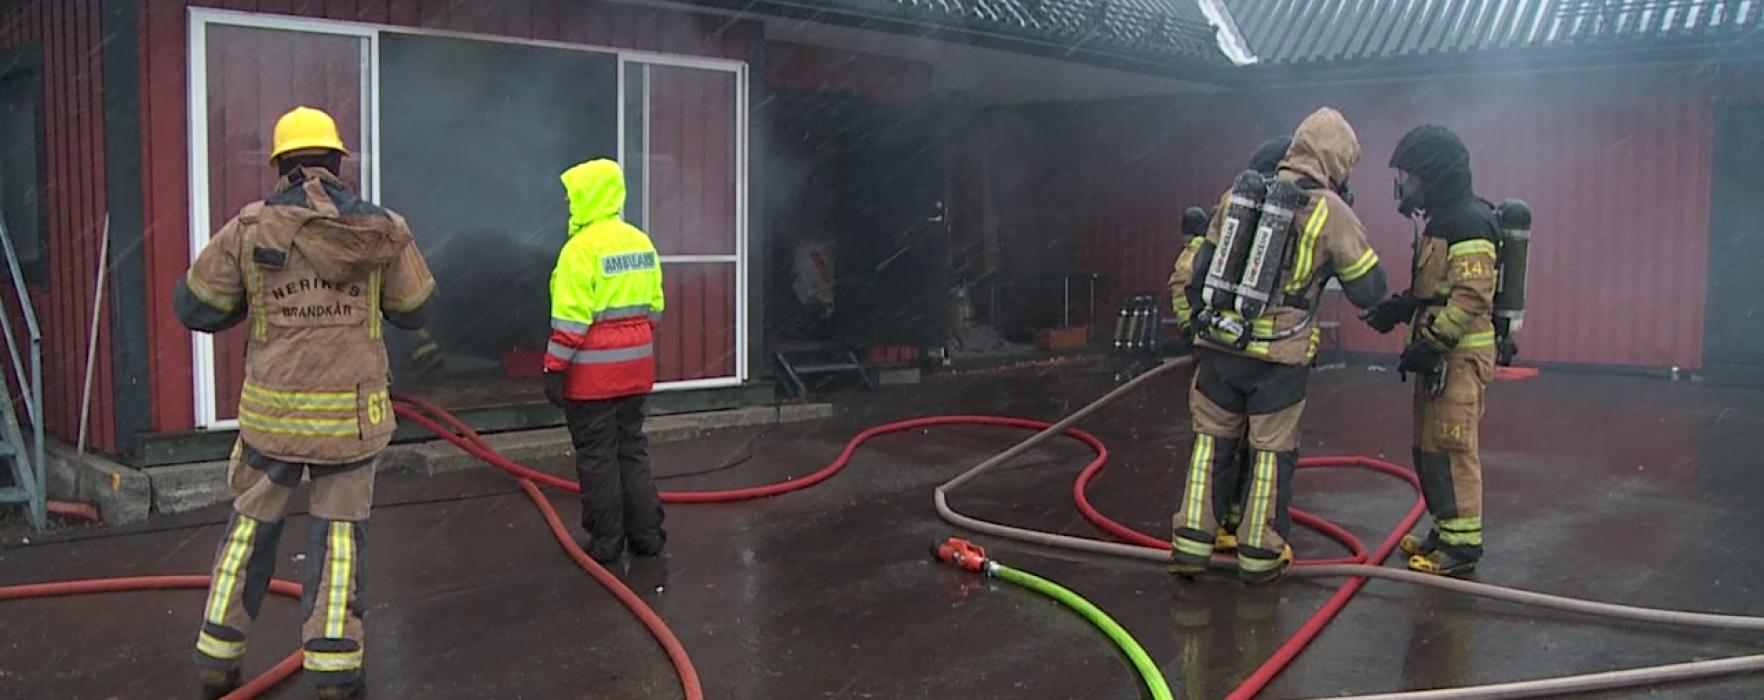 Brandövning i Karlstad